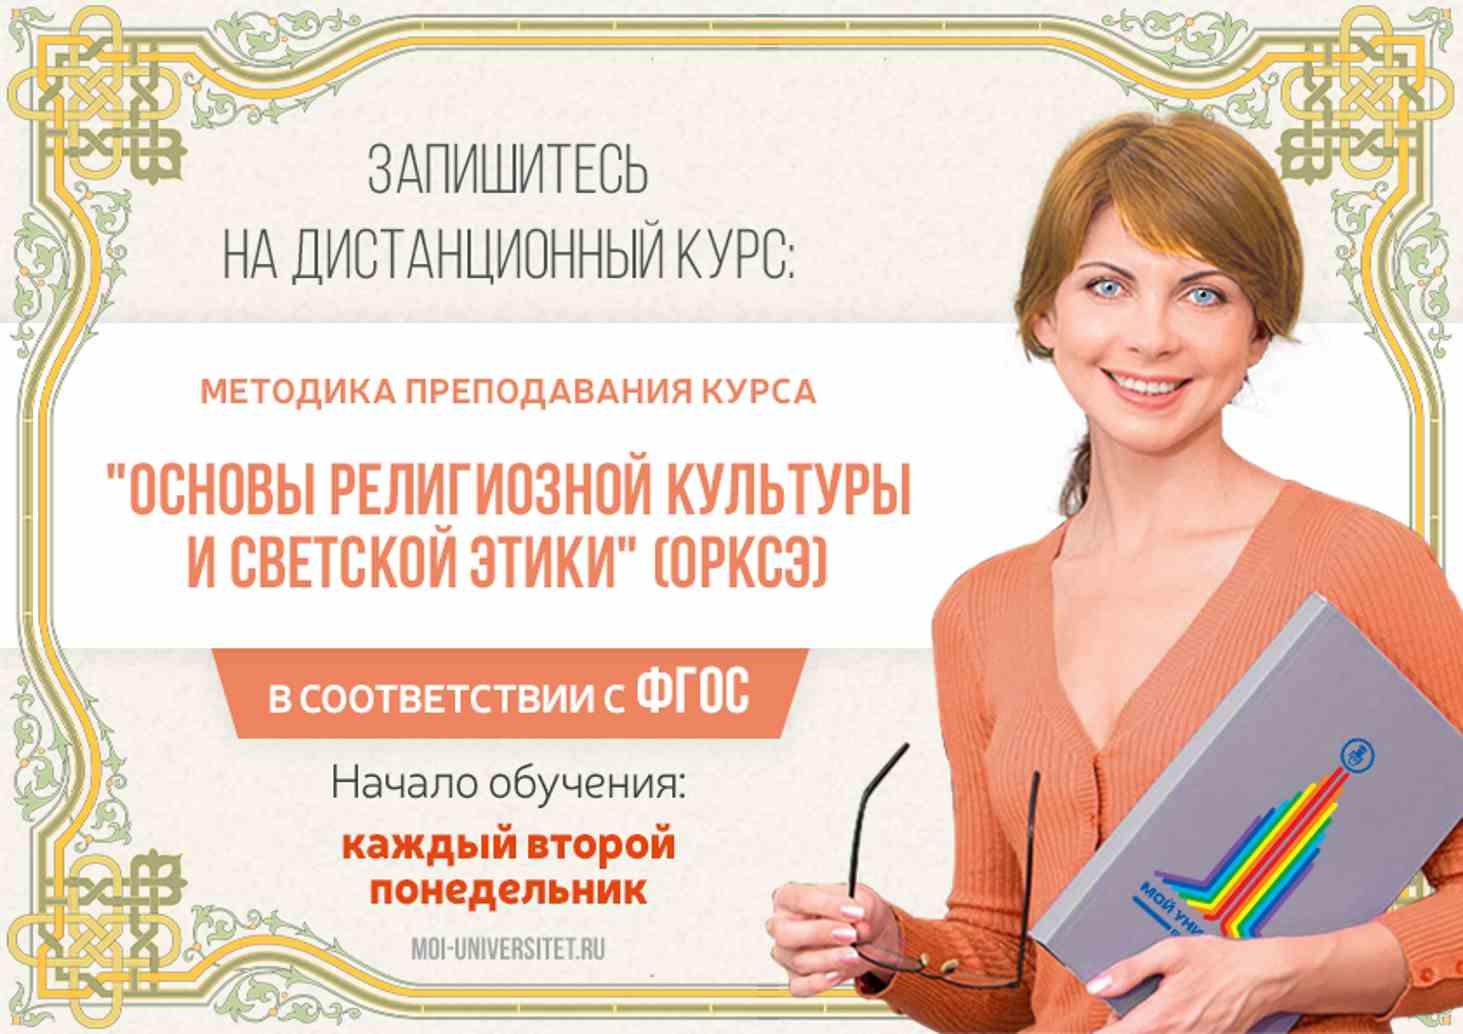 osnovy-religioznyh-kultur-i-svetskoj-etiki-metodika-prepodavaniya-v-sootvetstvii-s-fgos